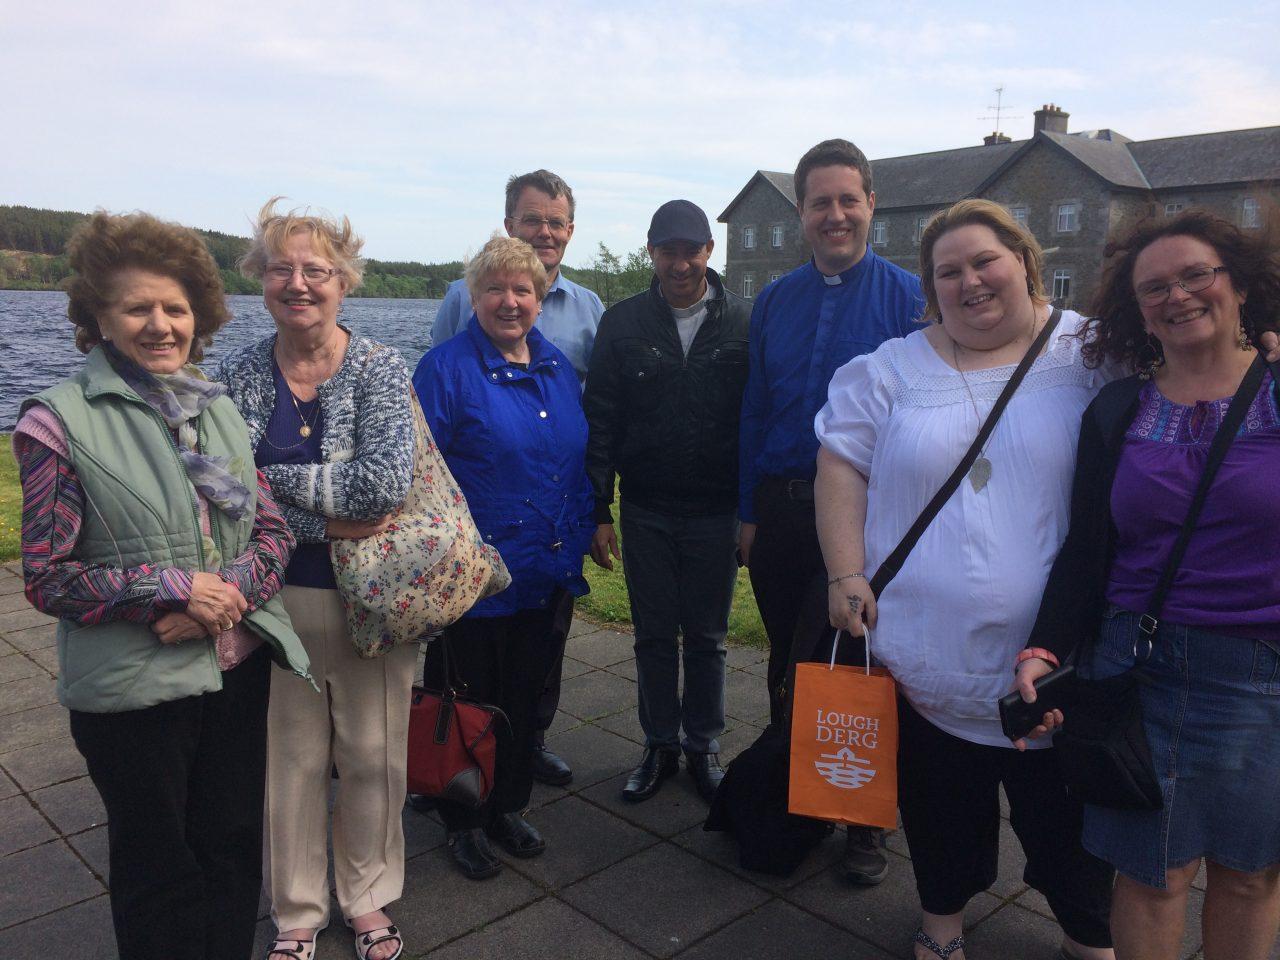 Parishioners on the Pilgrimage to Lough Derg